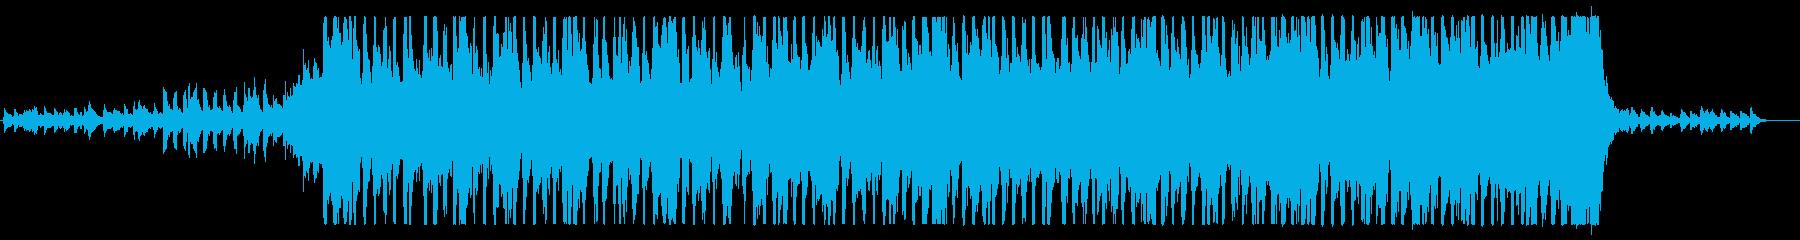 クラシック 交響曲 緊張感 暗い ...の再生済みの波形